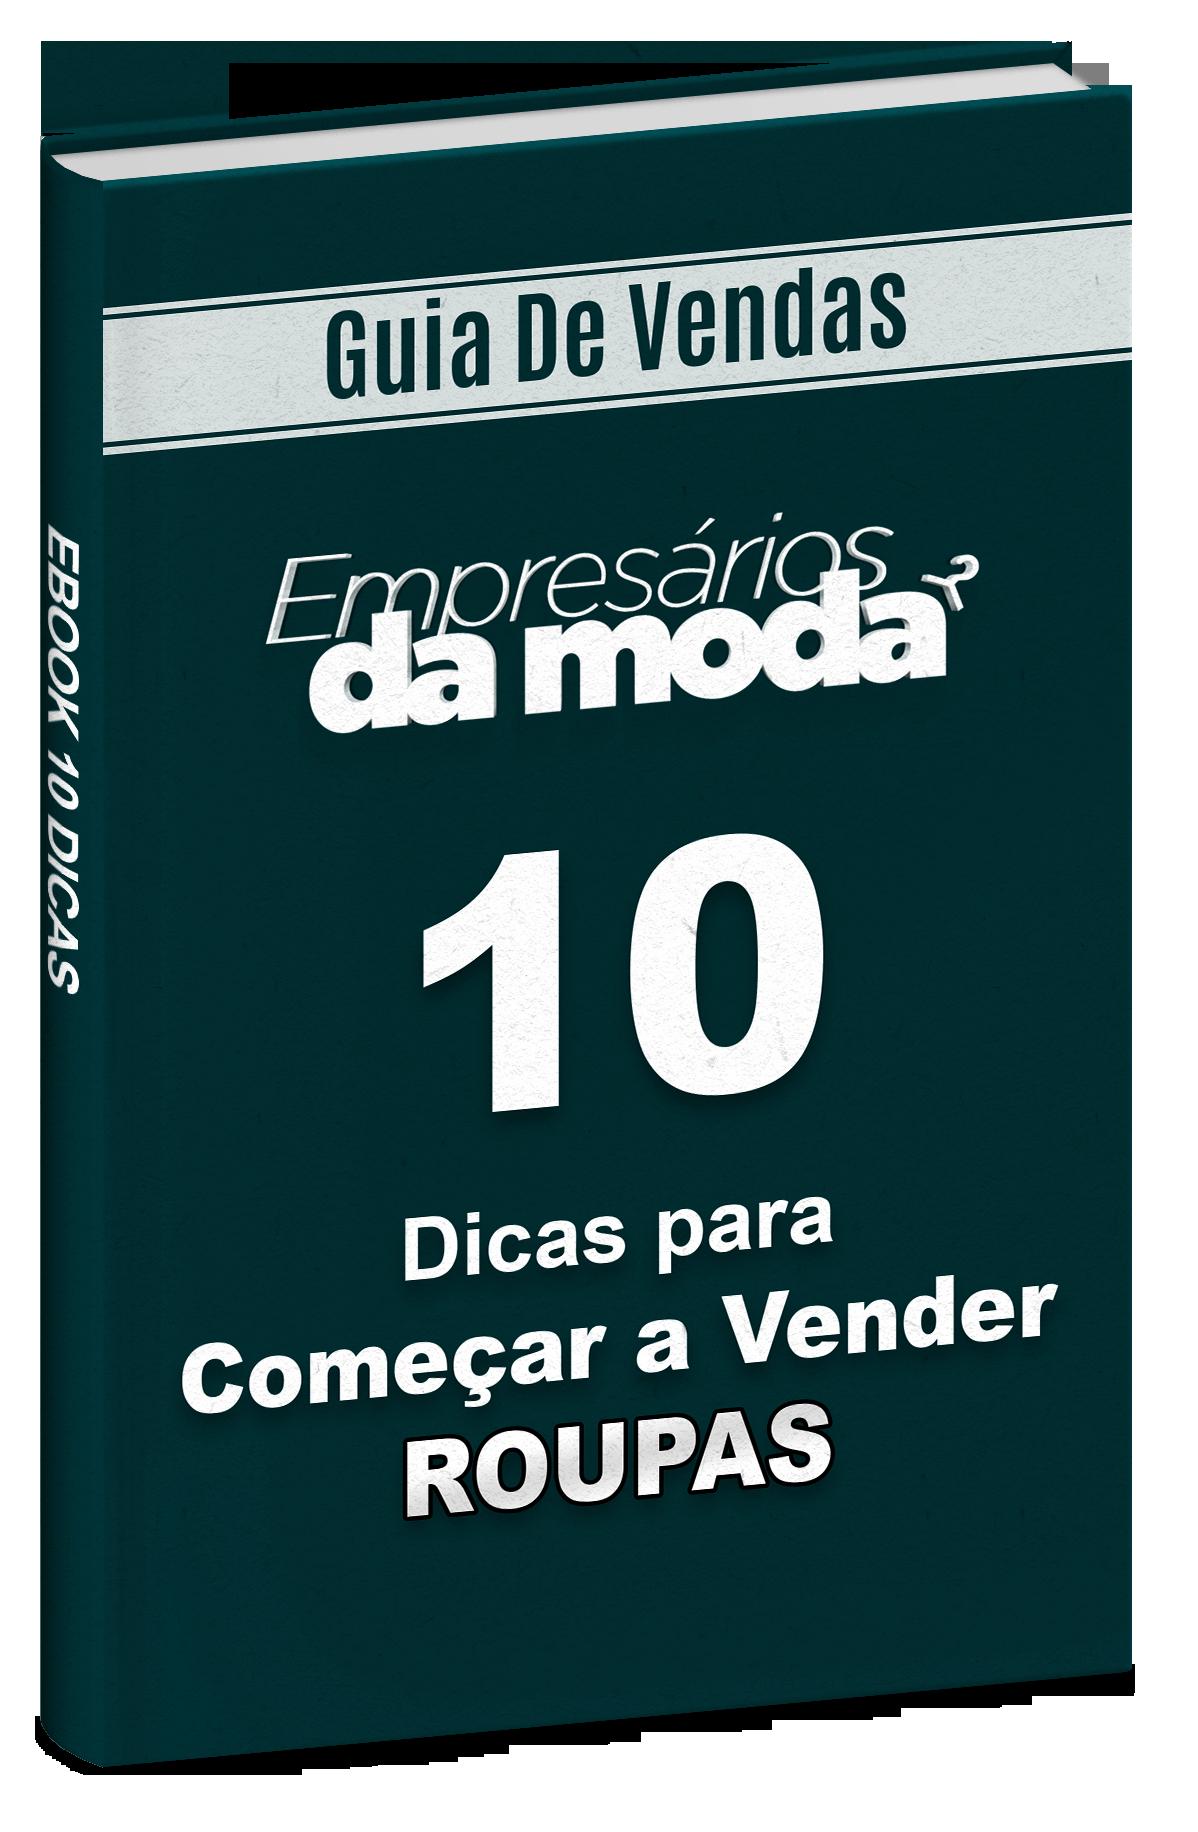 E-book Grátis: 10 Dicas para ter sucesso vendendo roupas!